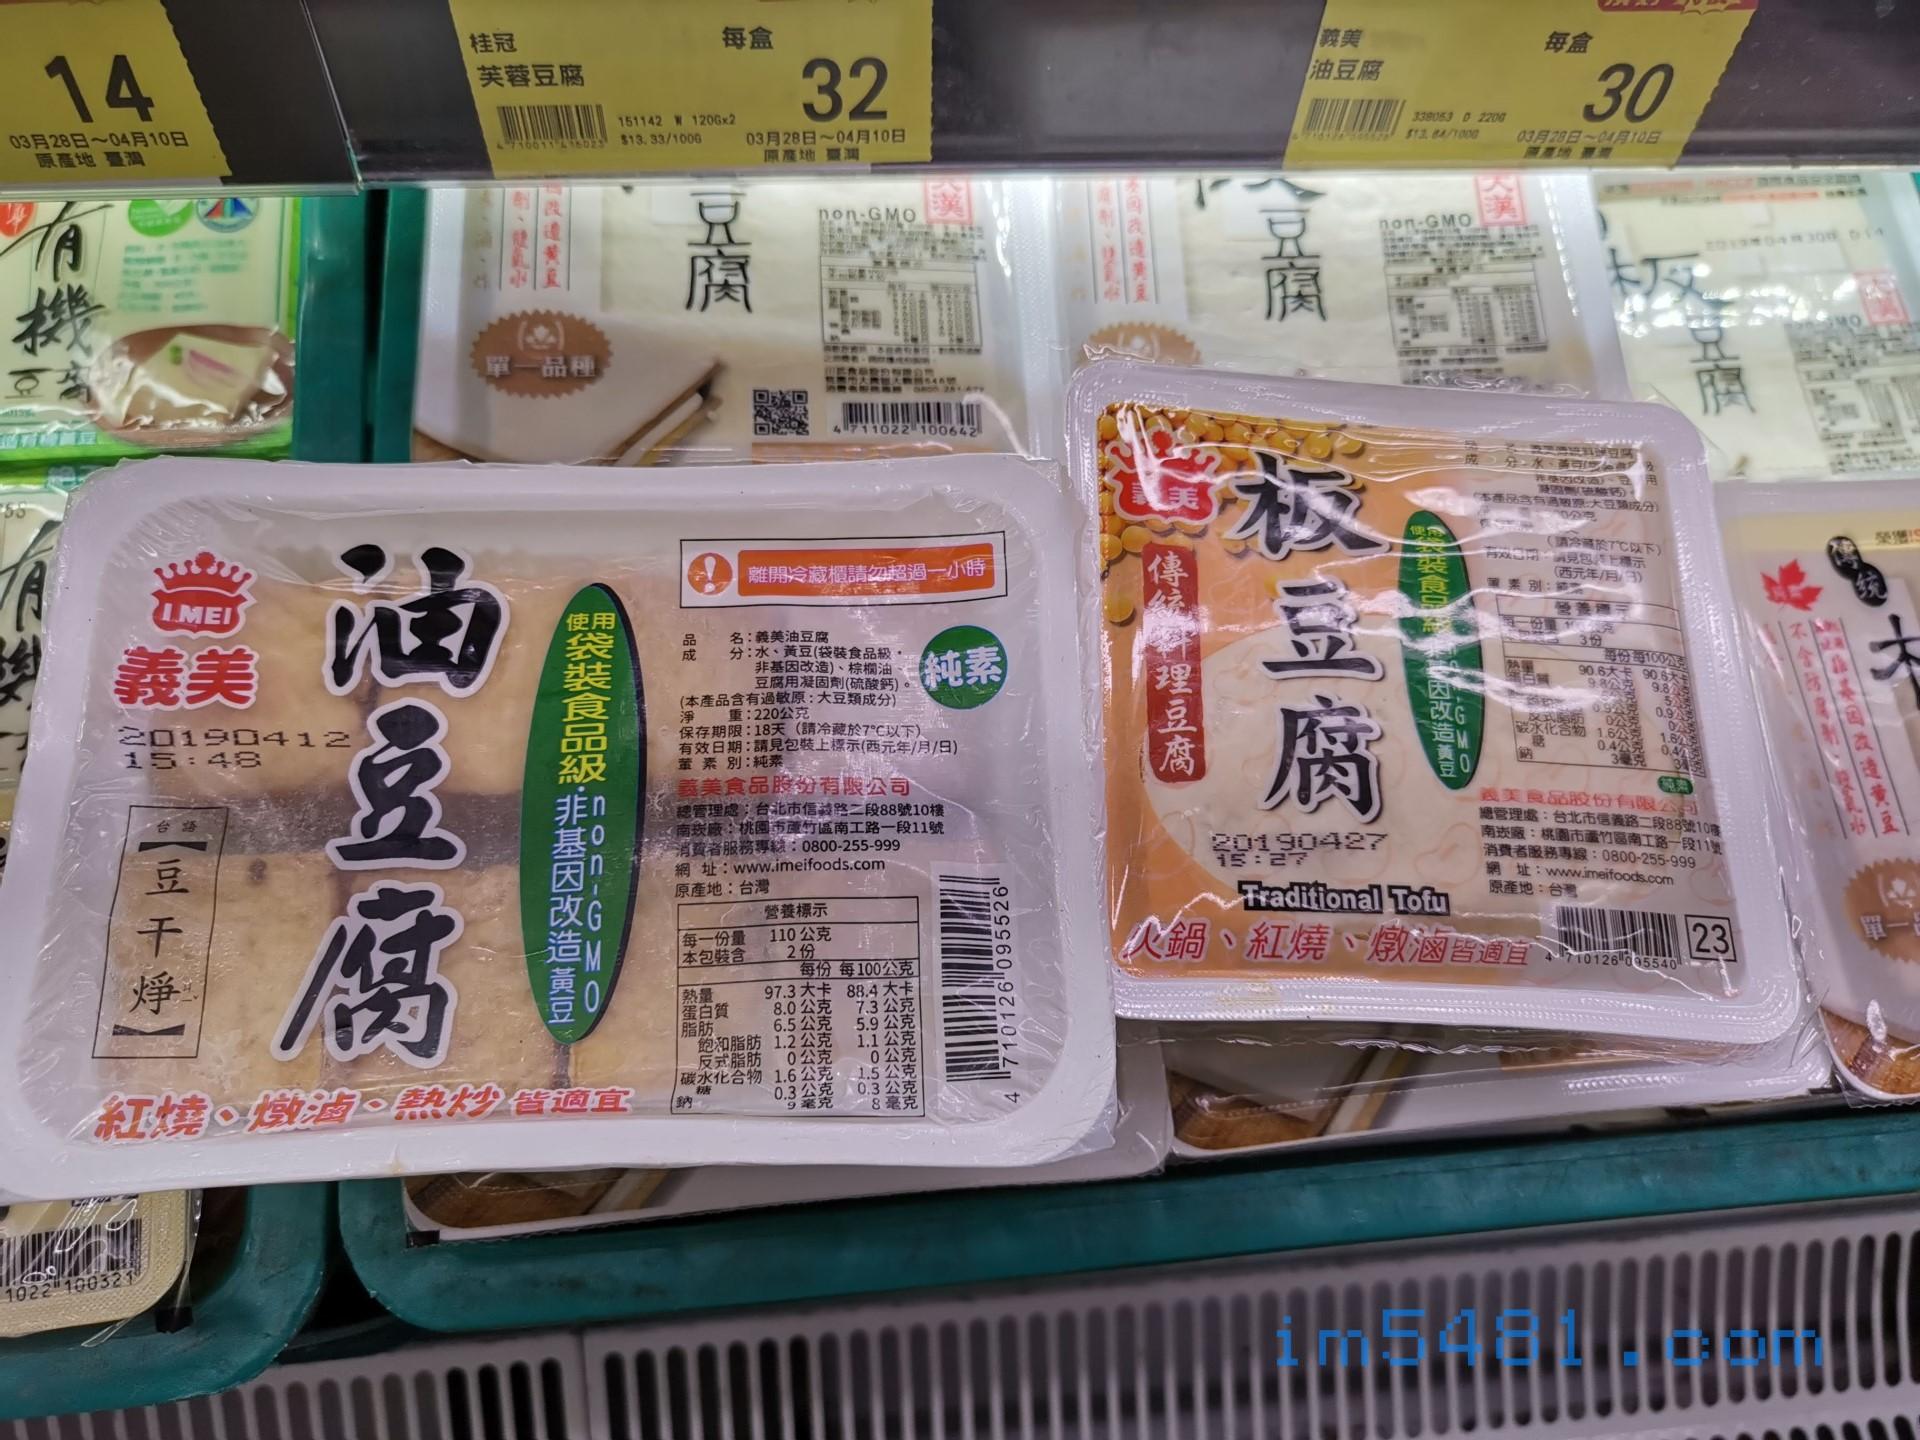 義美板豆腐跟油豆腐,其實油豆腐的台語應該是『豆乾糋』